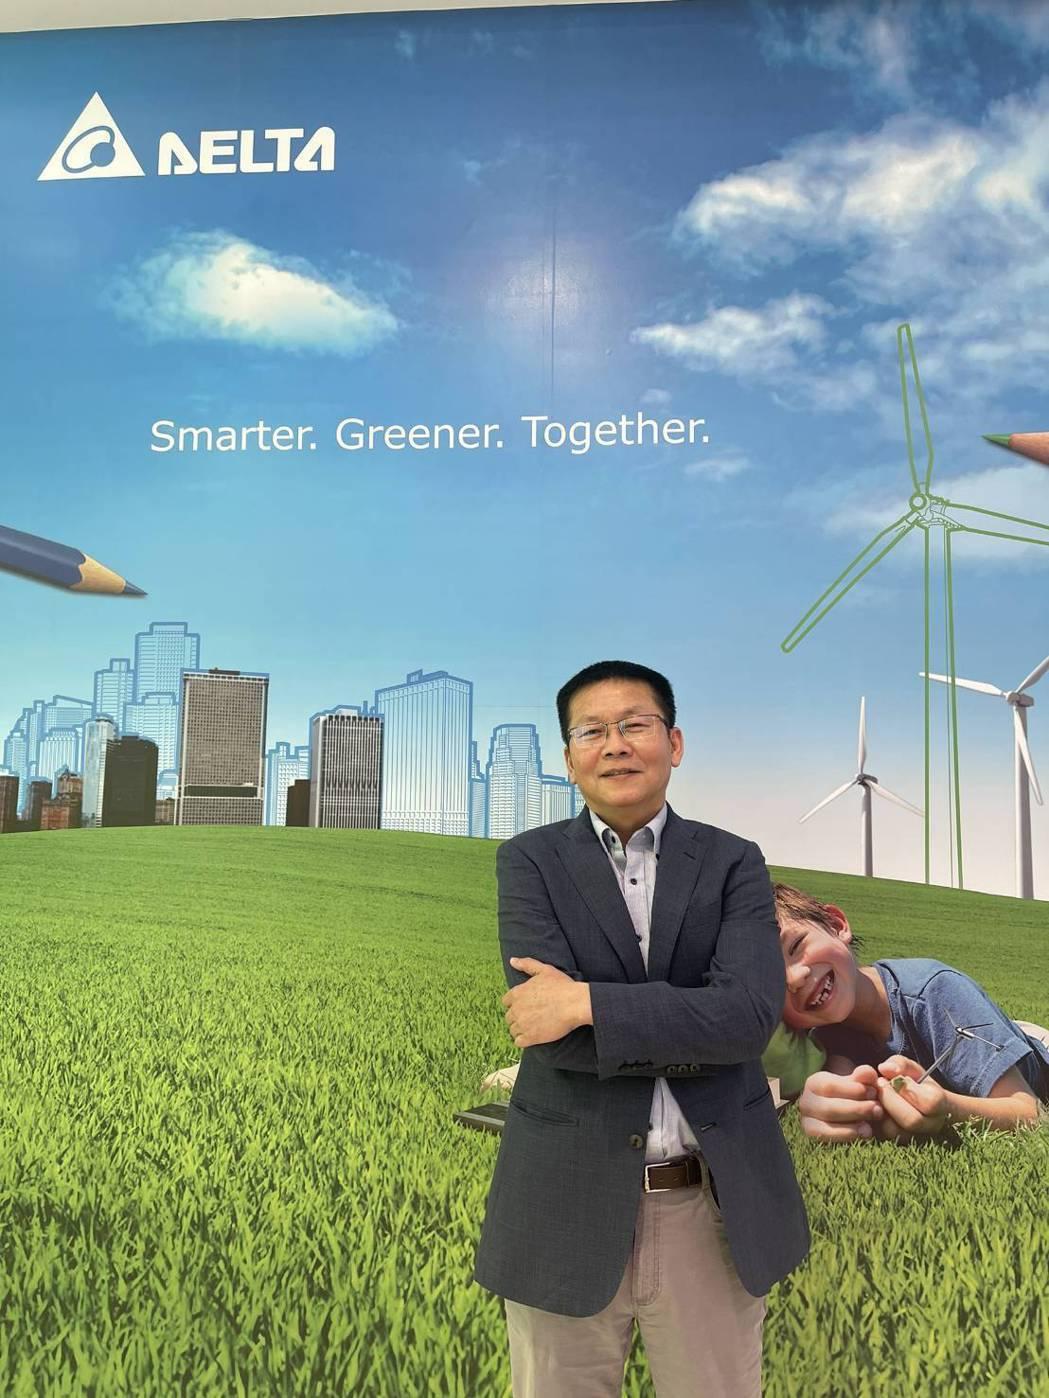 台達電子太陽能變流器事業群處長李雷鳴。 台達電/提供